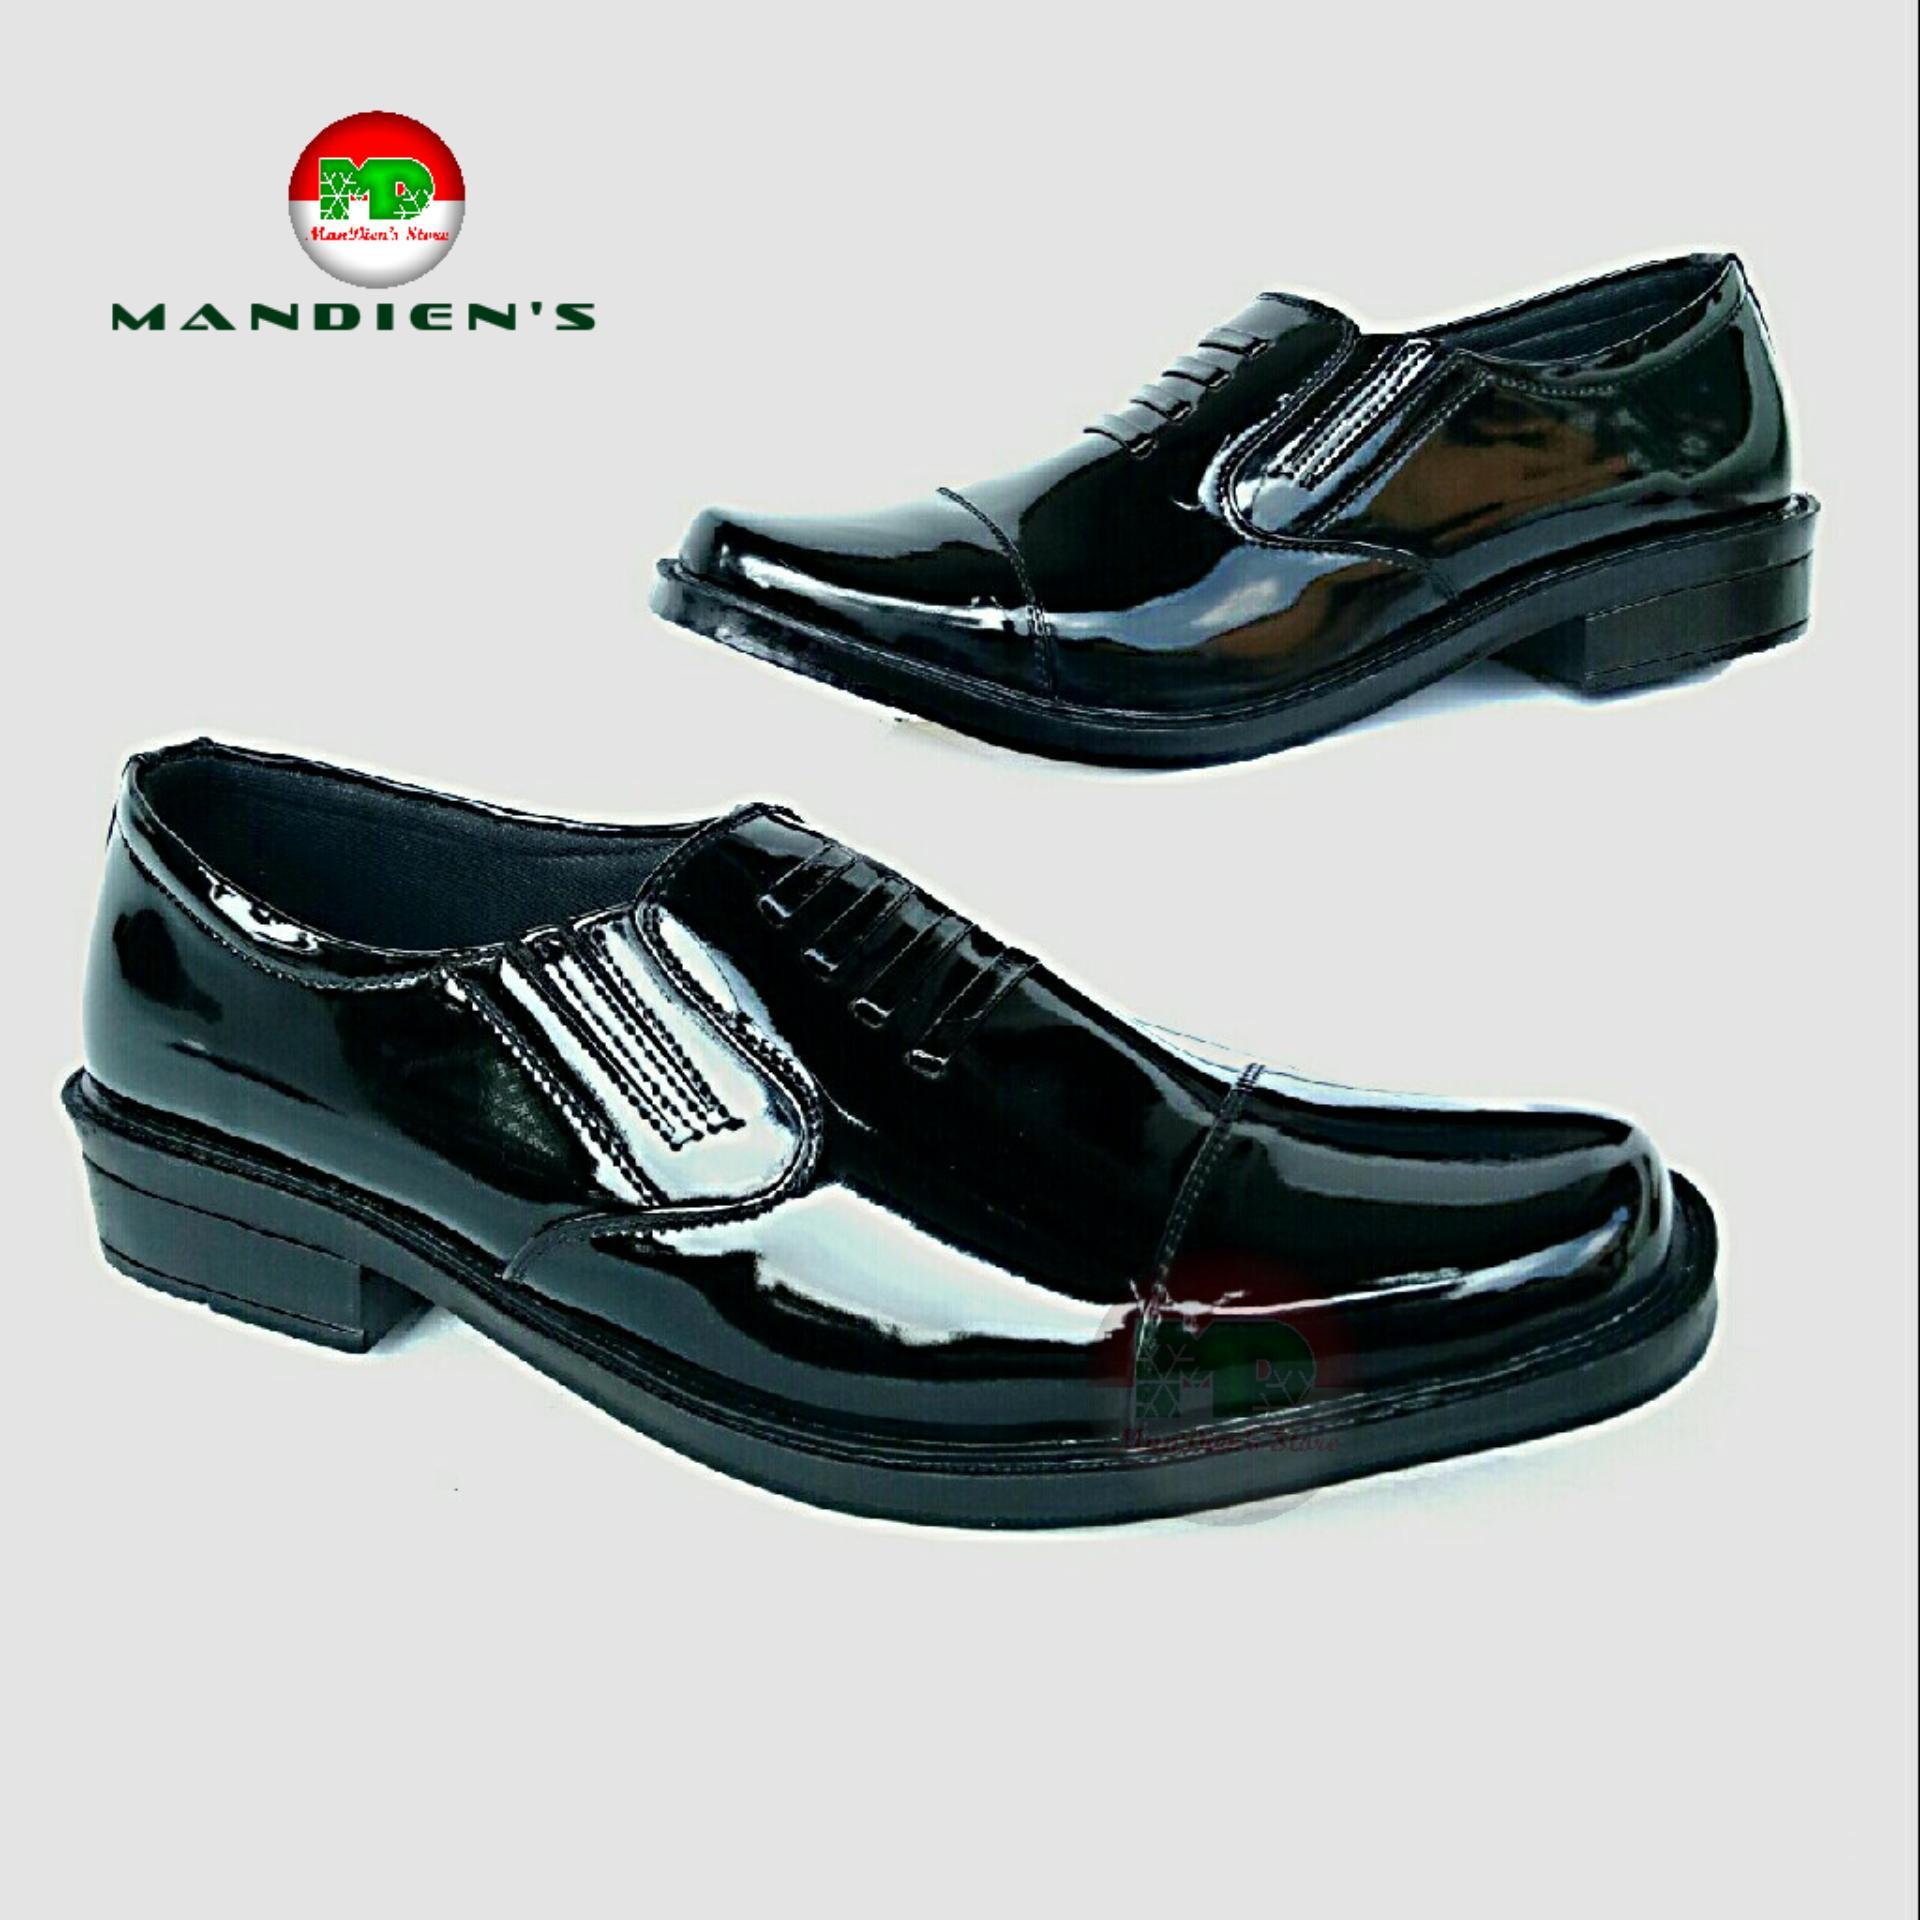 Mandiens PDH P.04 Sepatu Formal Pria Pantofel Super Kilat (Hitam) 31cf921002